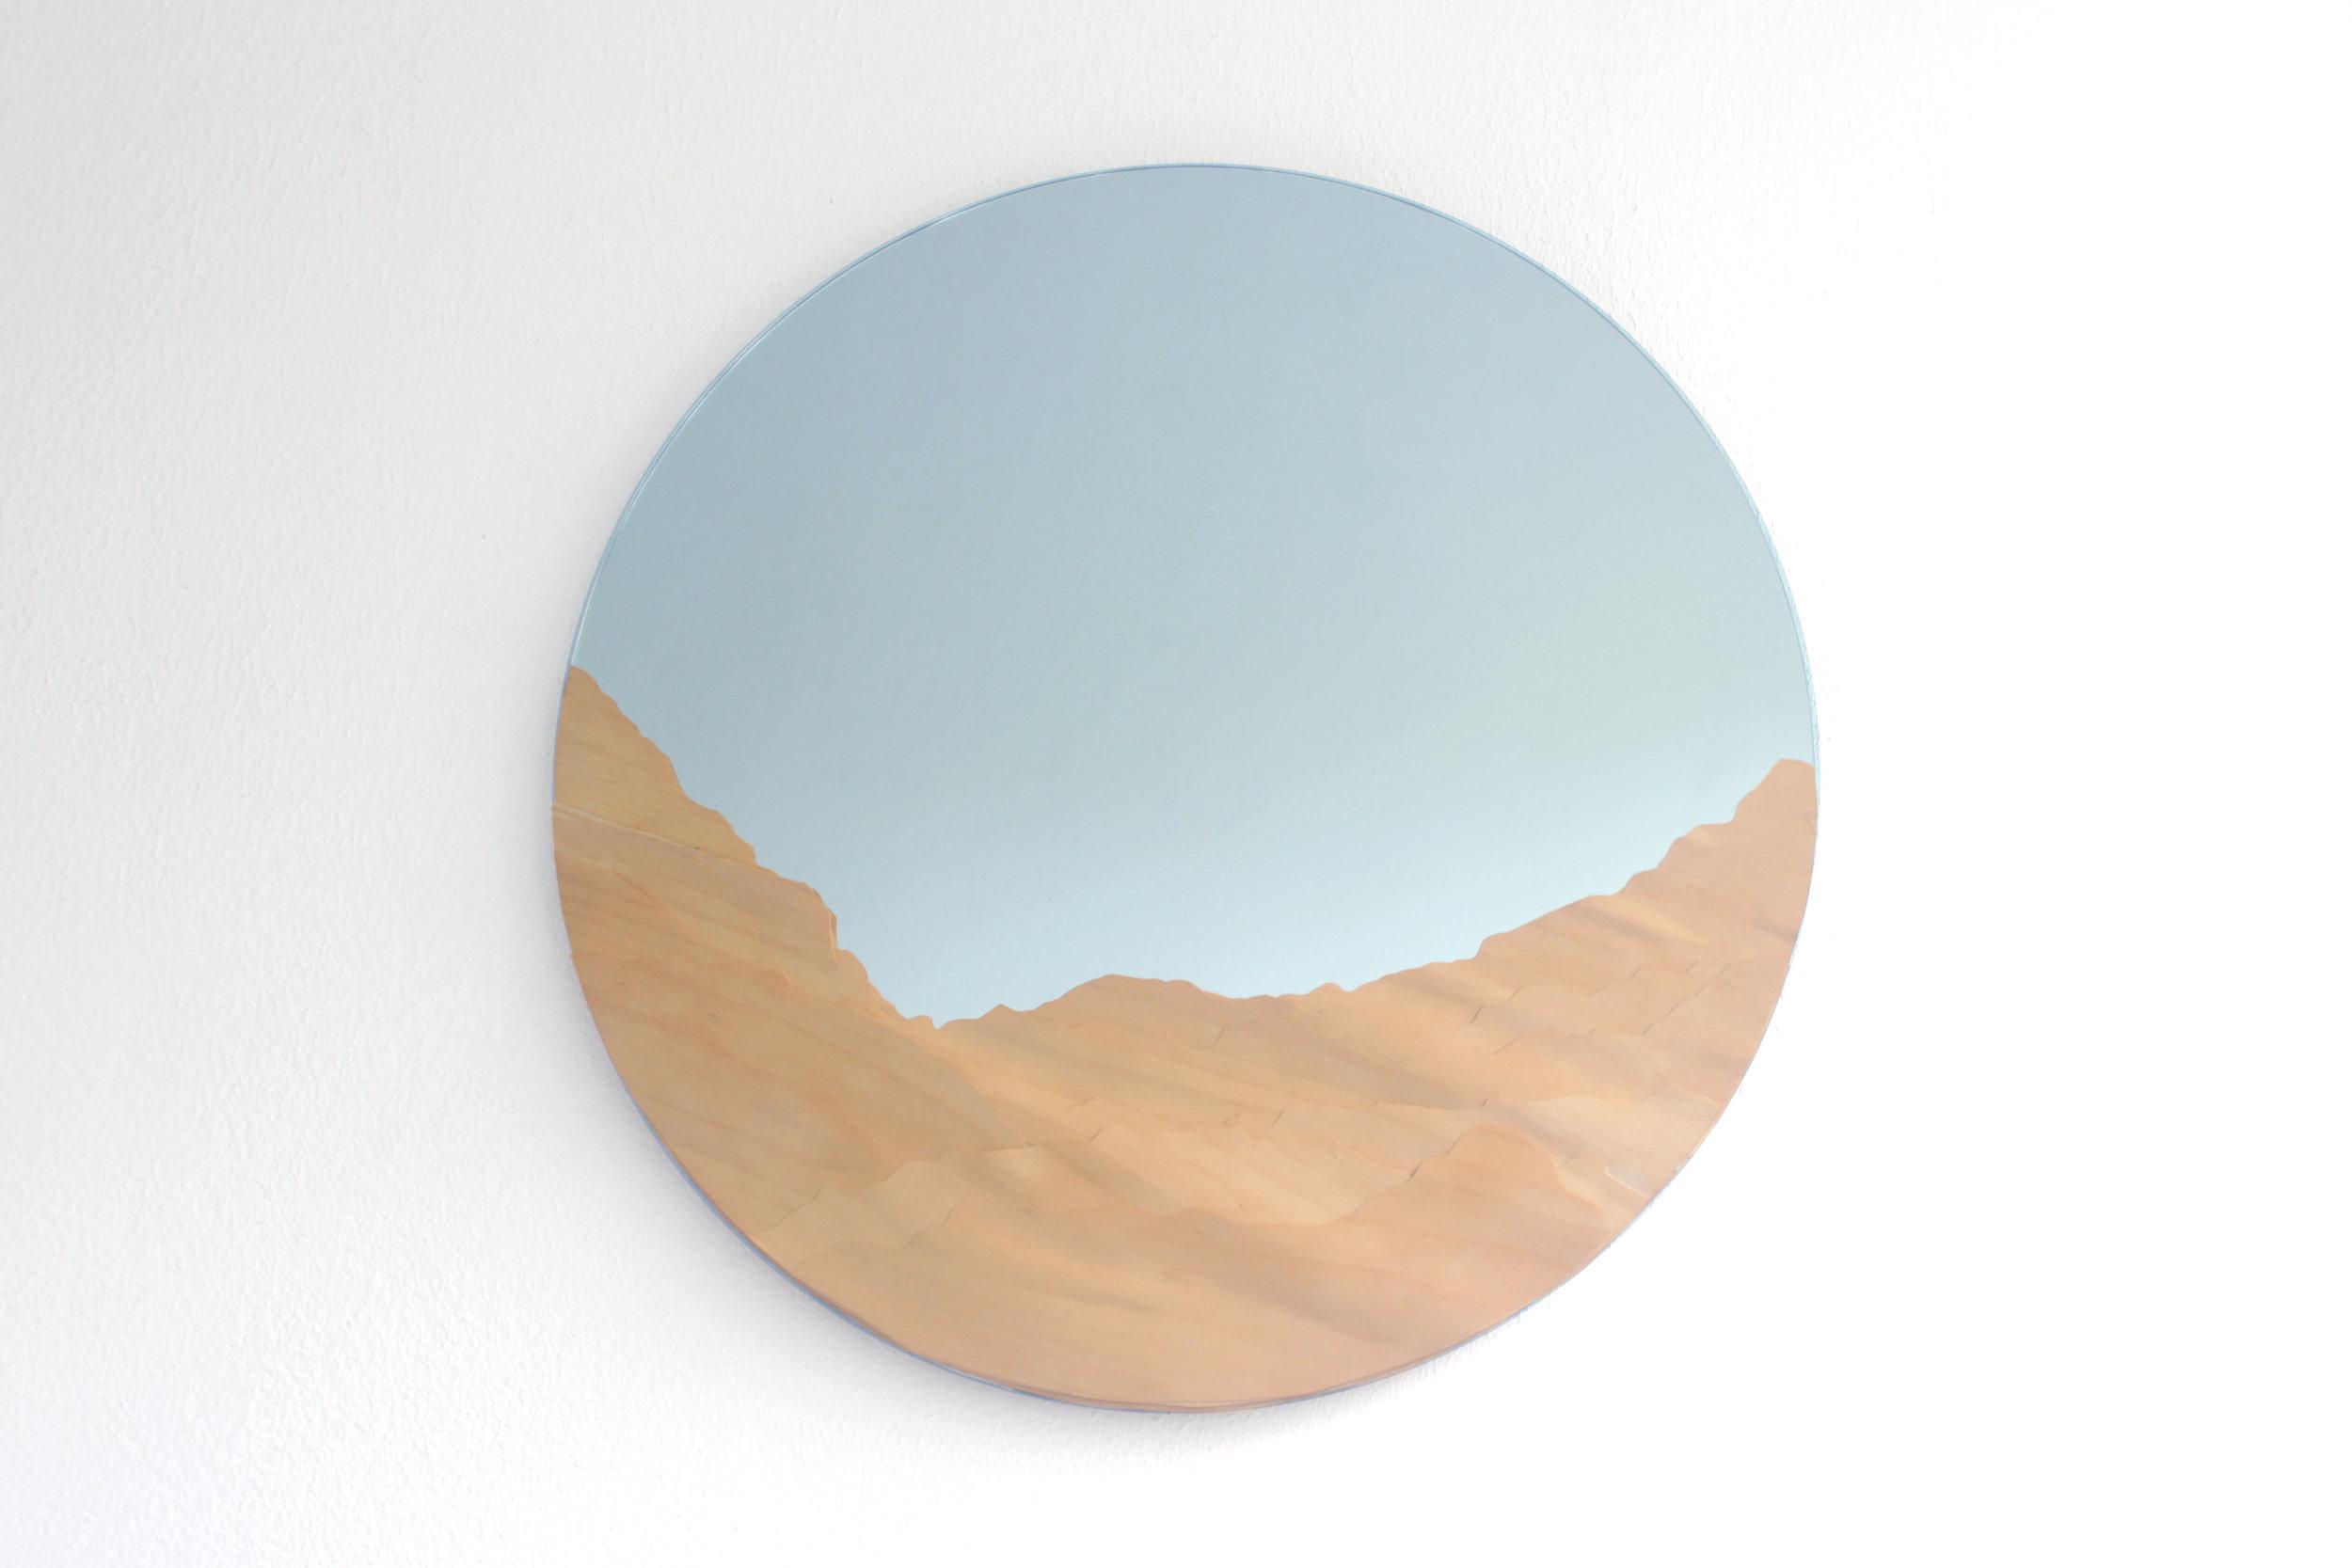 espelho paisagens imaginárias